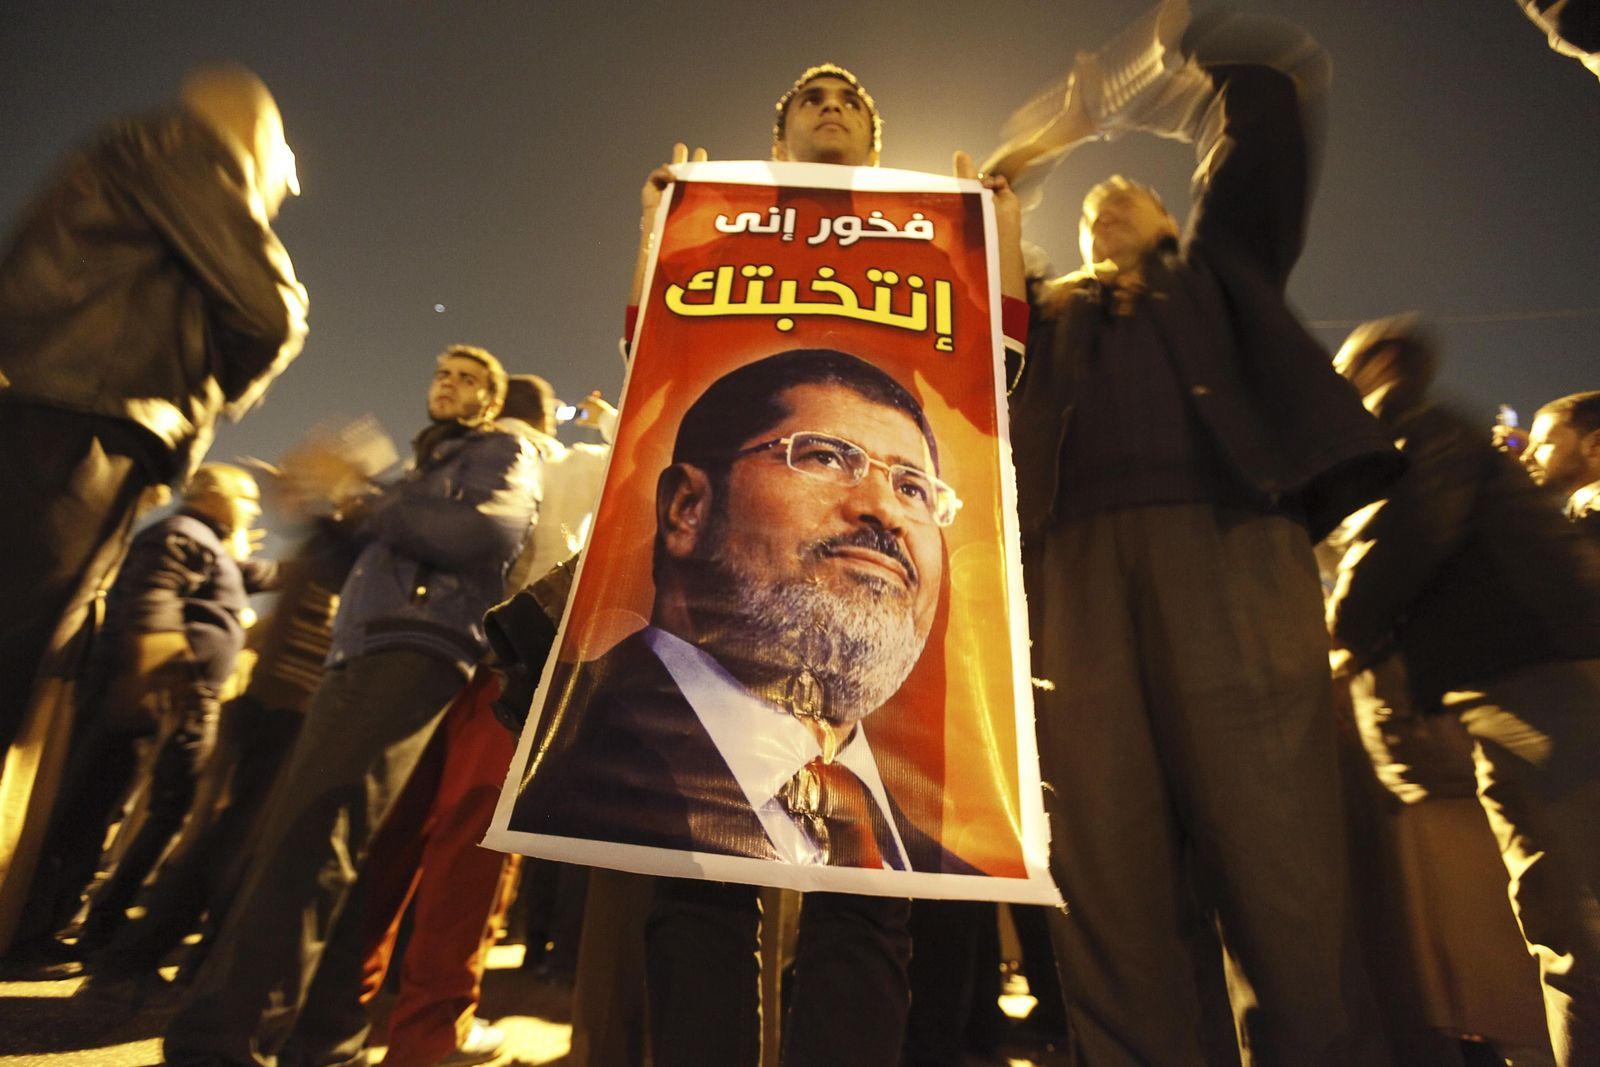 Ägypten / Muslimbruderschaft